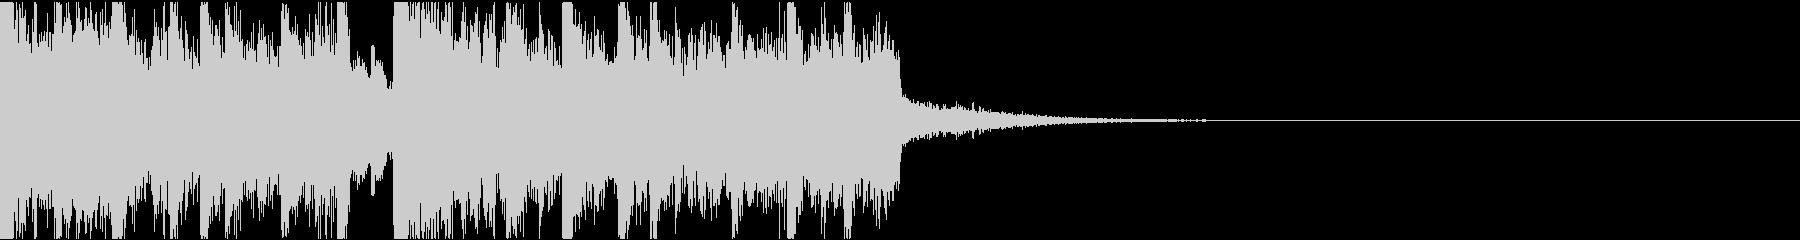 ダークなエレクトロ/サウンドロゴの未再生の波形